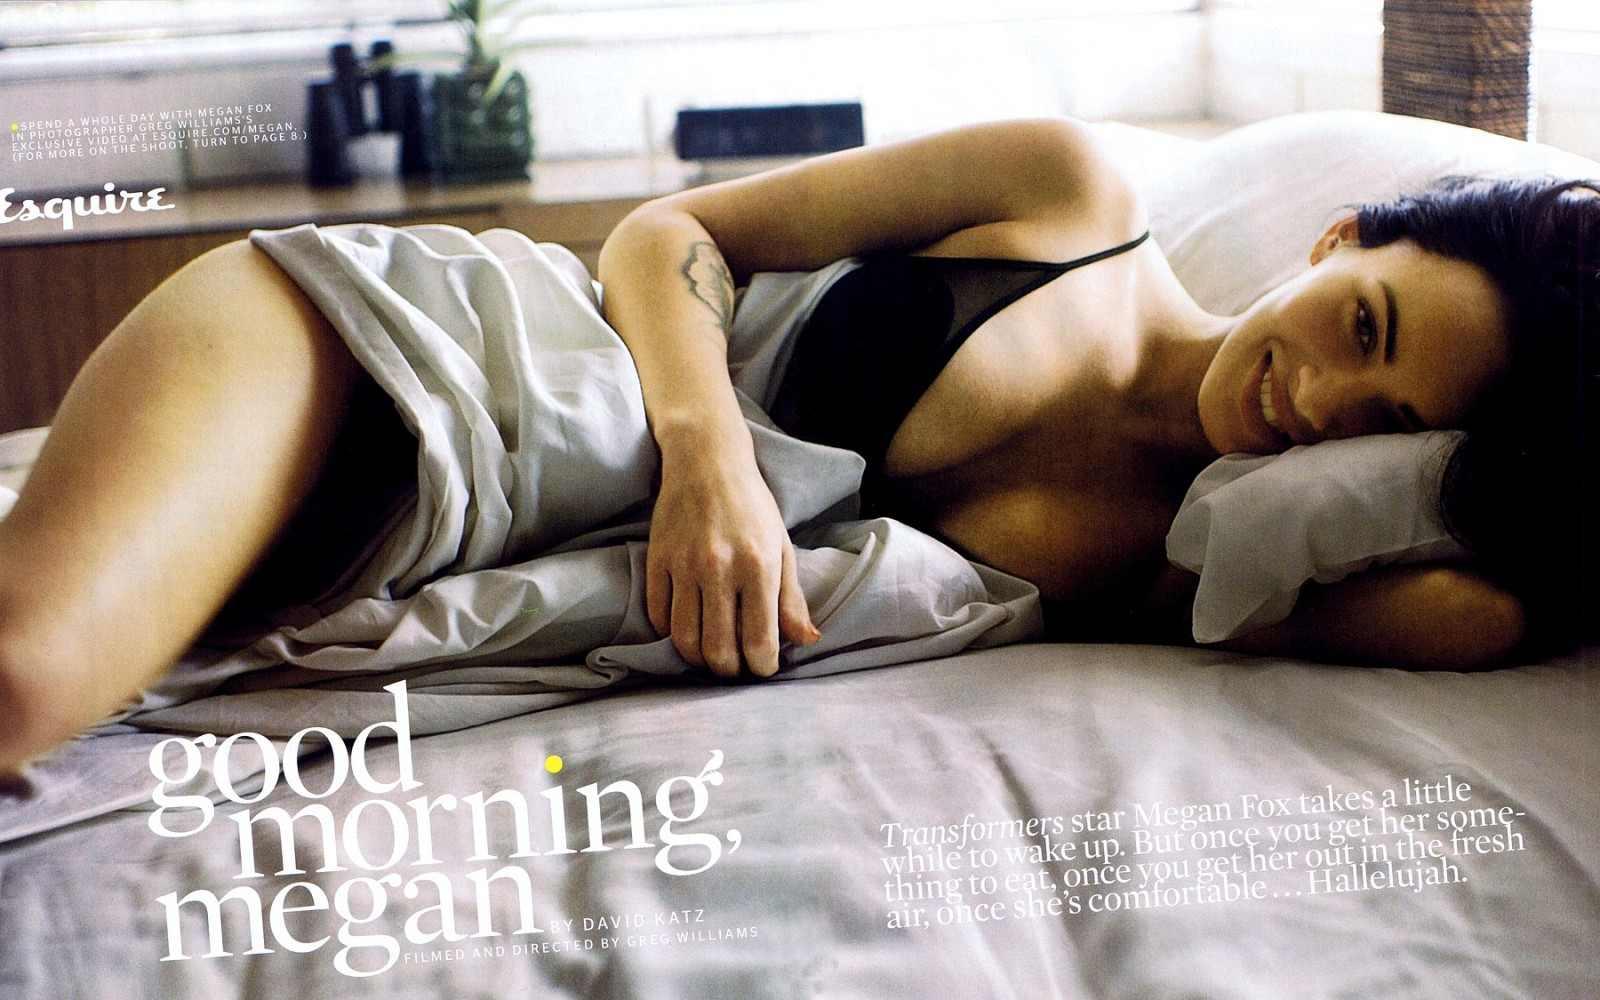 Megan rubah, fox in Esquire magazine